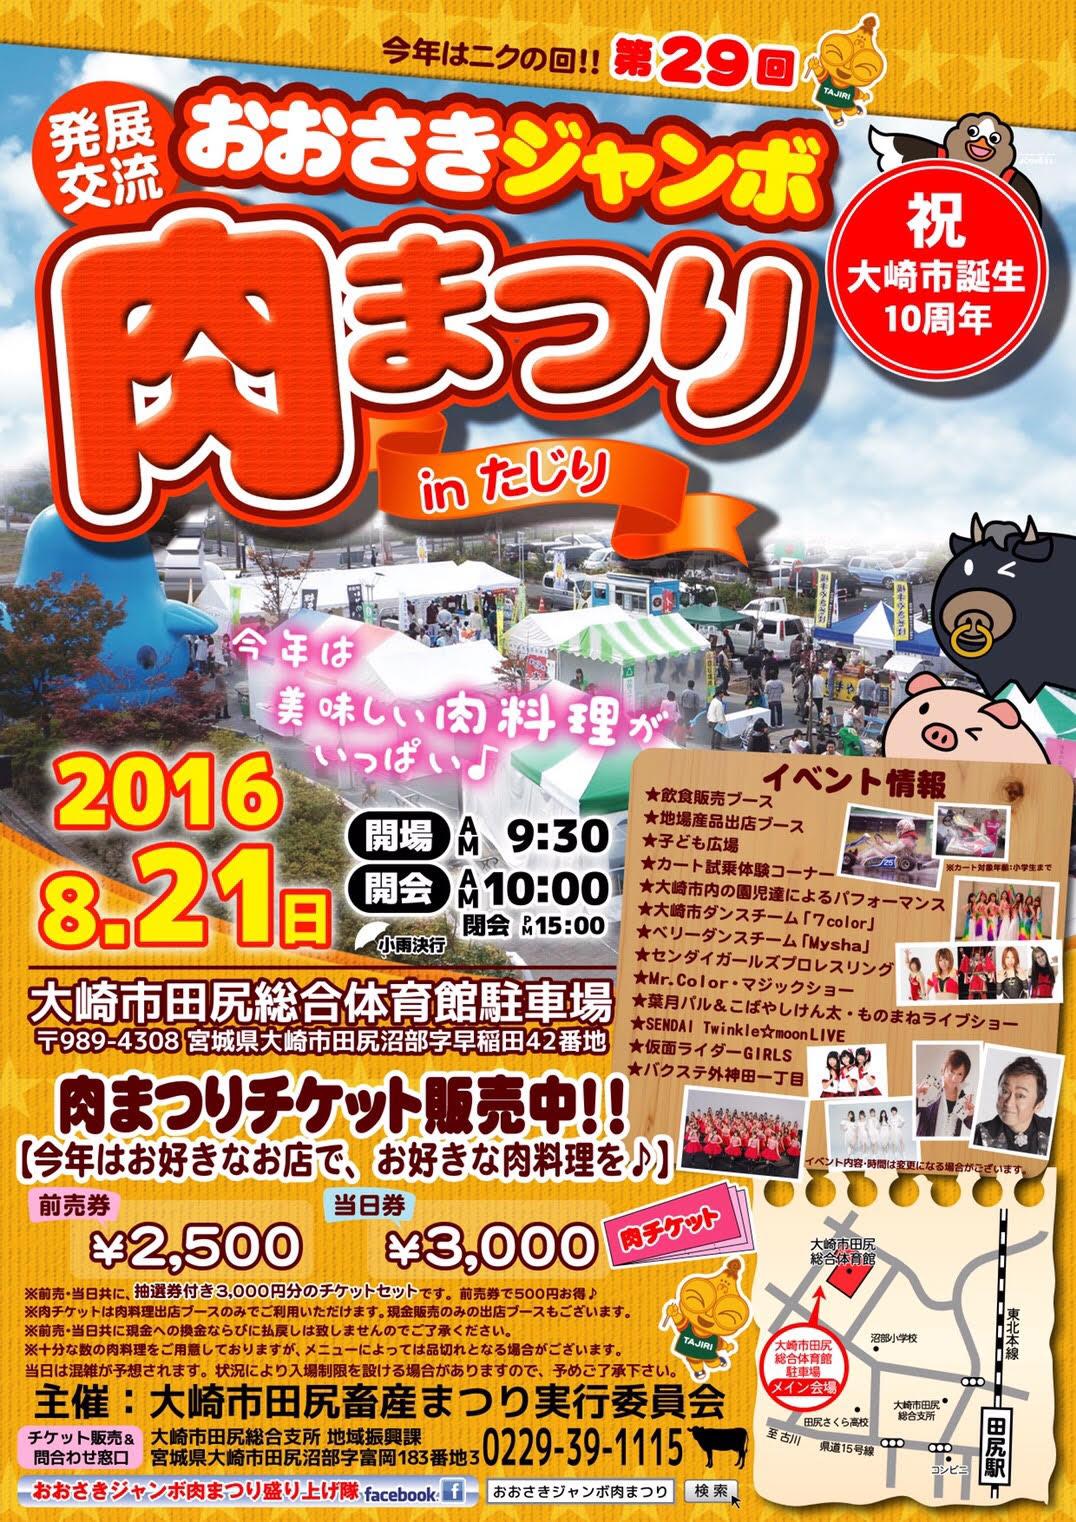 【仙女】8月21日(日) おおさきジャンボ肉まつりinたじり 対戦カード発表!